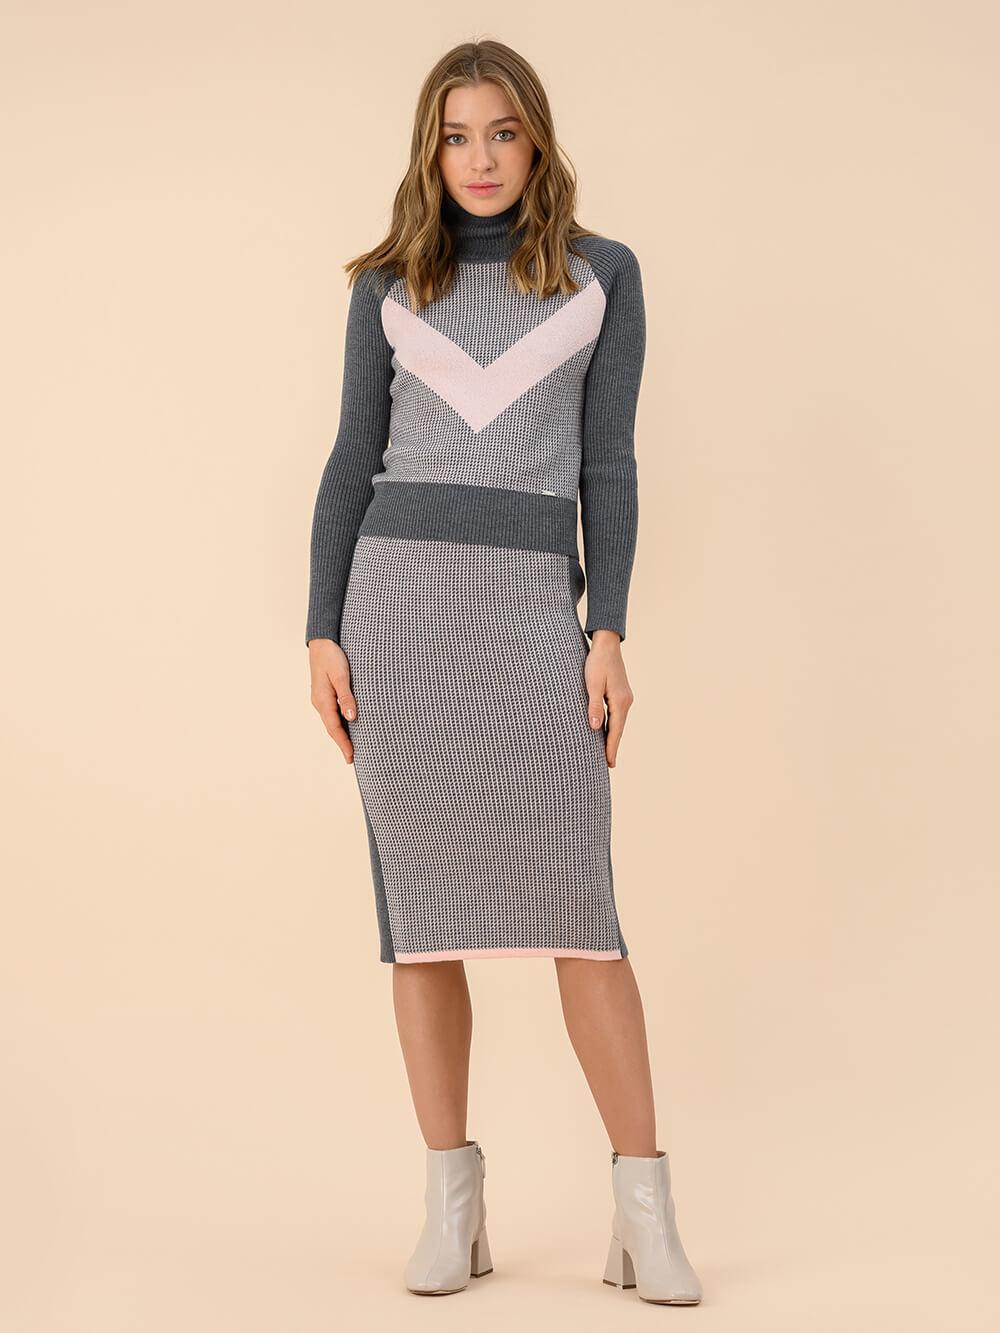 Женская юбка темно-серого цвета из 100% шерсти - фото 1